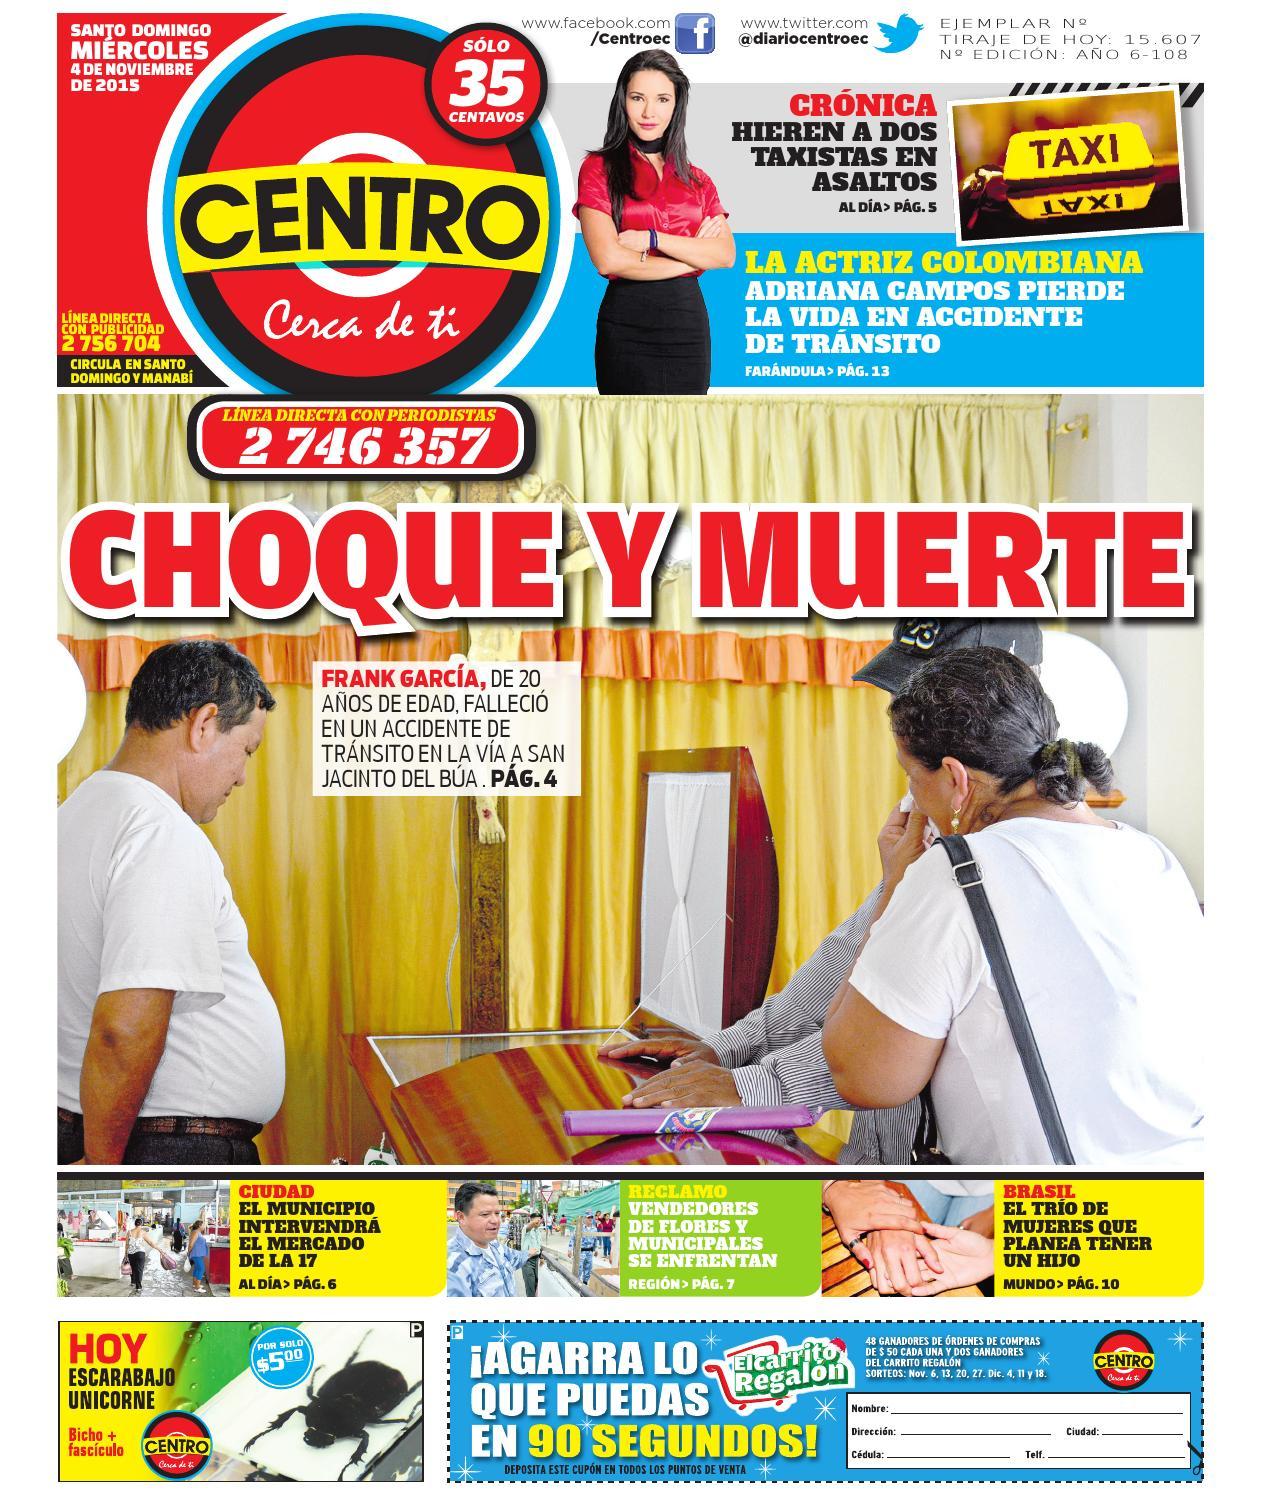 71f1358e1 Centro 4 noviembre 2015 by EDIASA - issuu